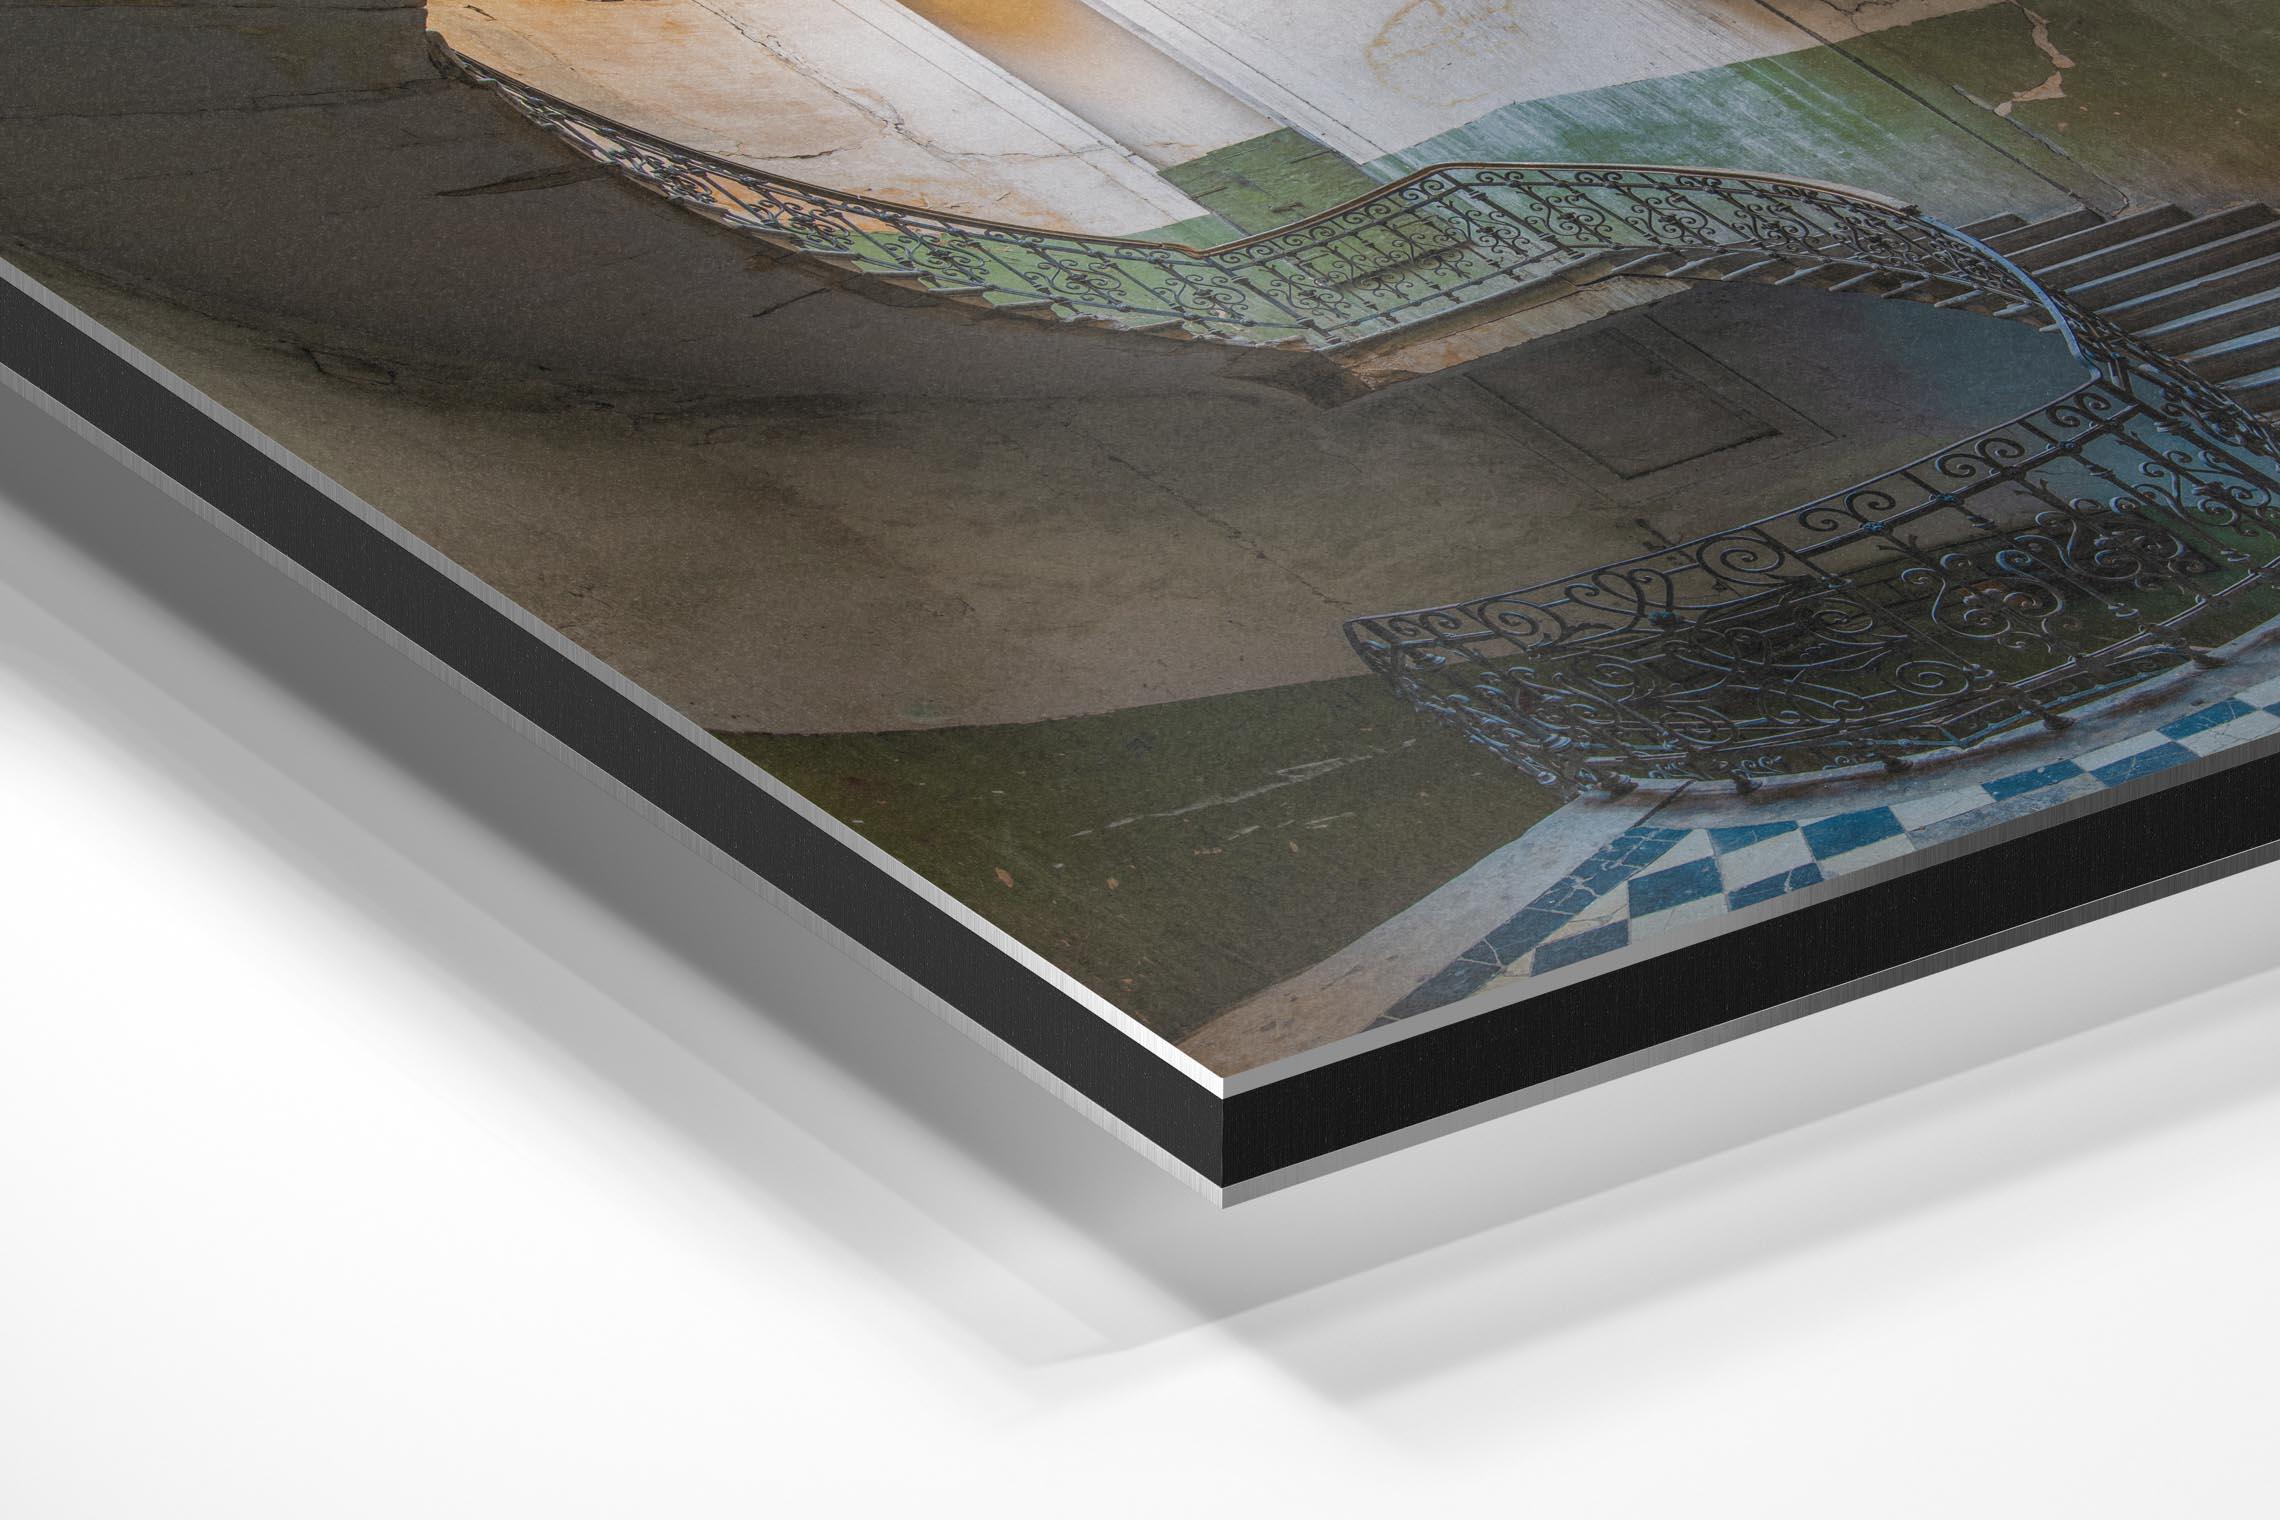 Baksteen Productions - wandecoratie schilderij uitleg dibond foto papier